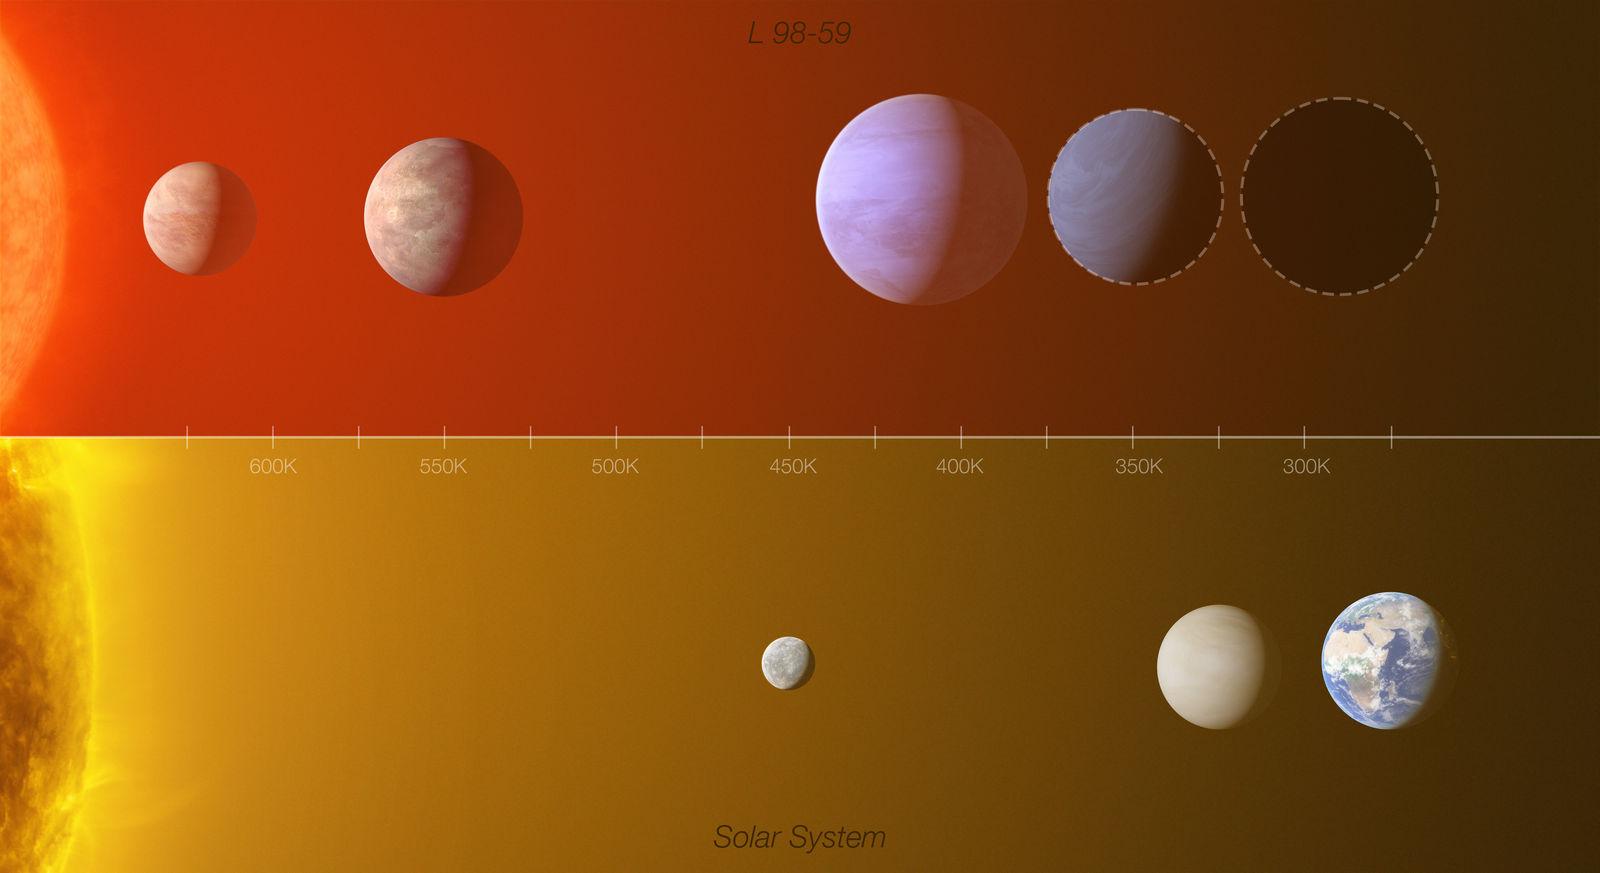 Сравнение планет системы L 98-59d и планет земной группы Солнечной системы